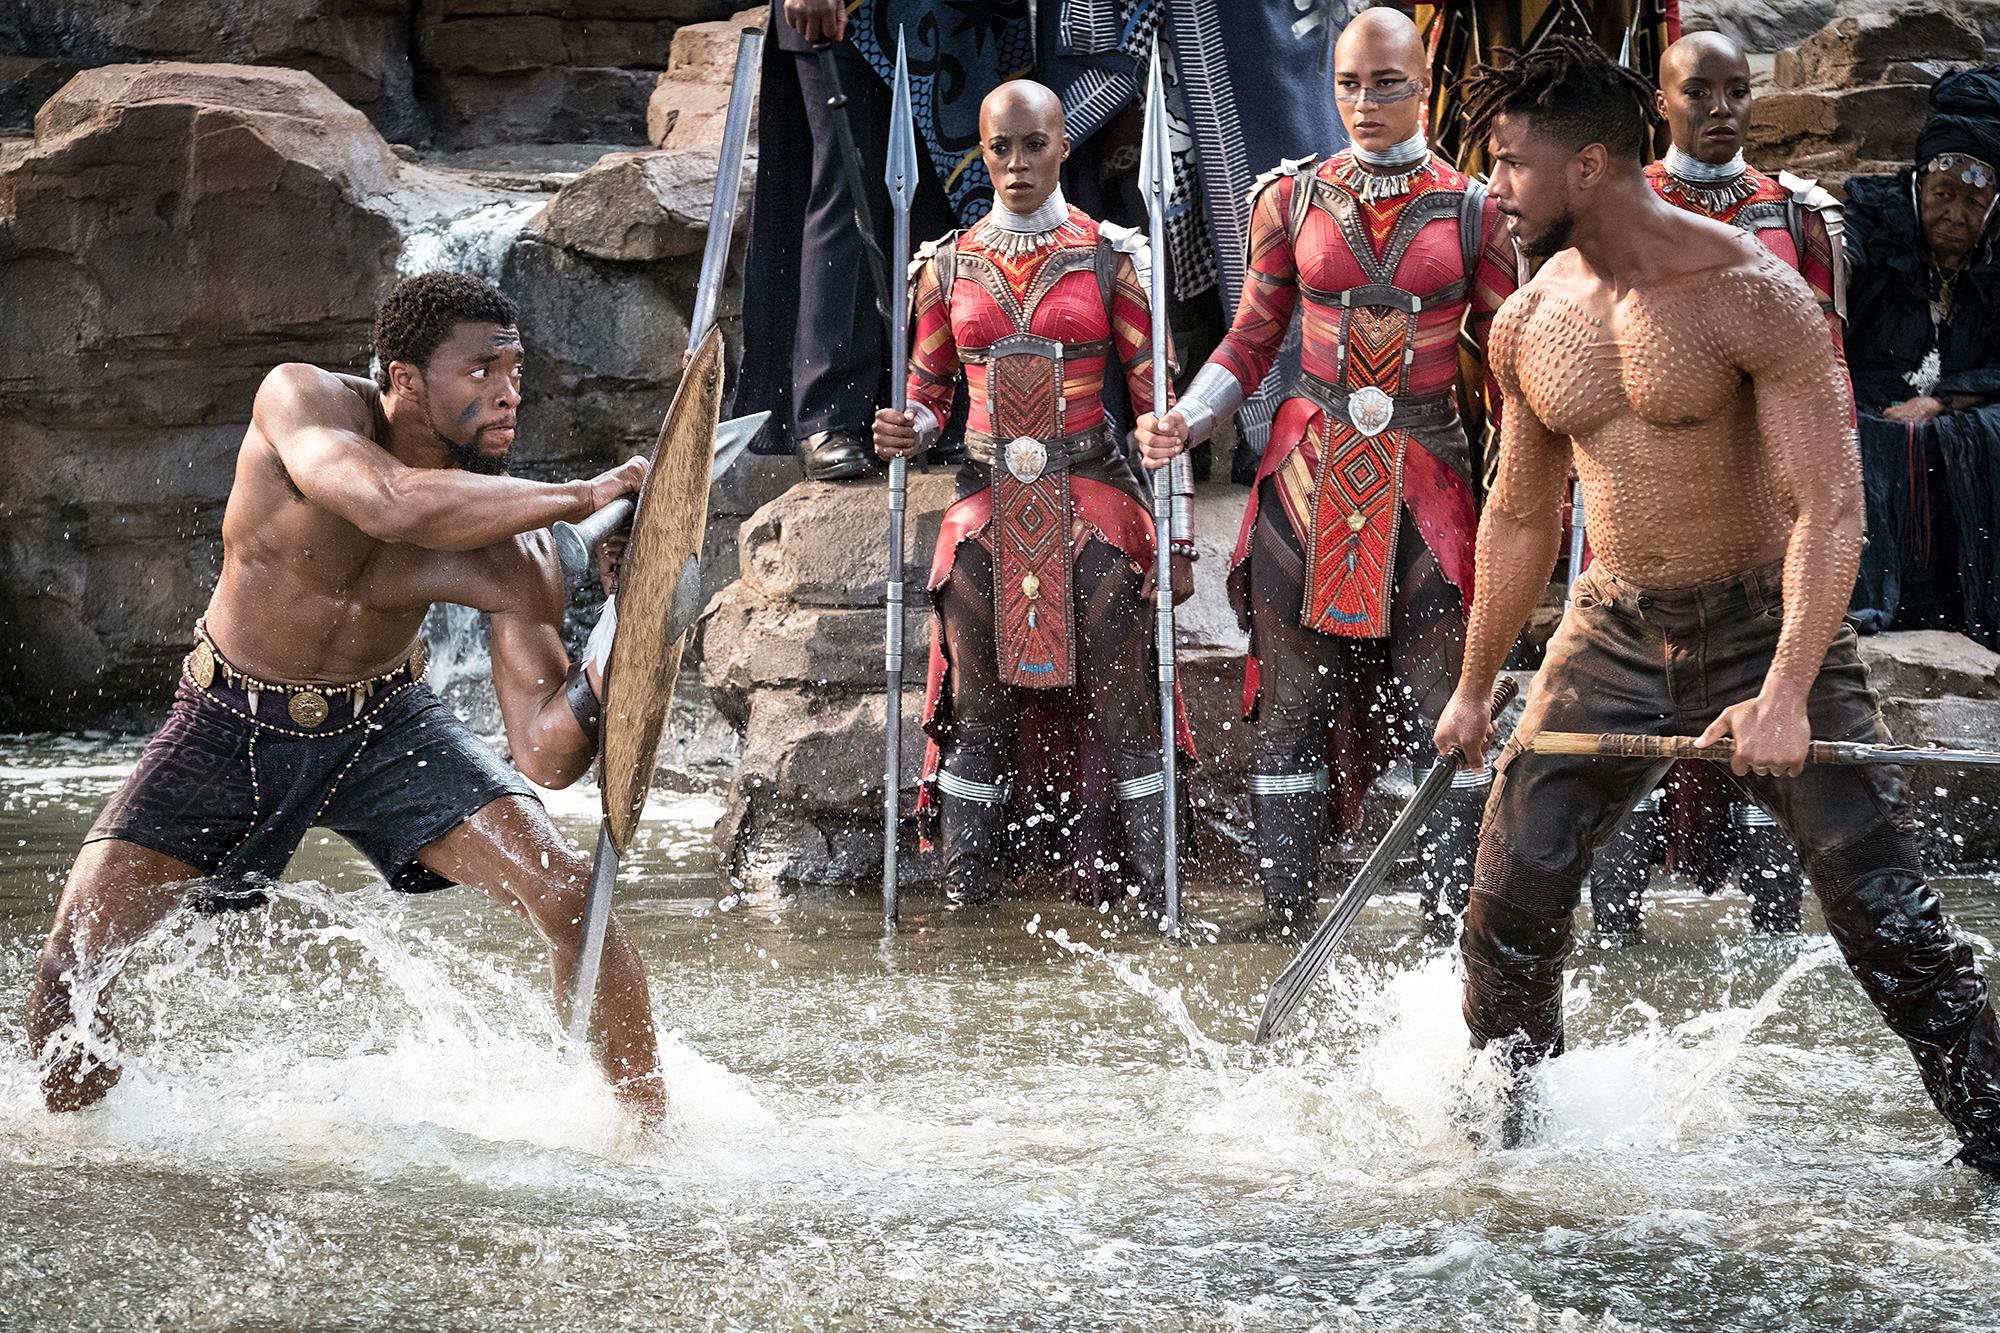 Chadwick Boseman Michael B. Jordan Black Panther Golden Globe Nominations - Chadwick Boseman and Michael B. Jordan in 'Black Panther.